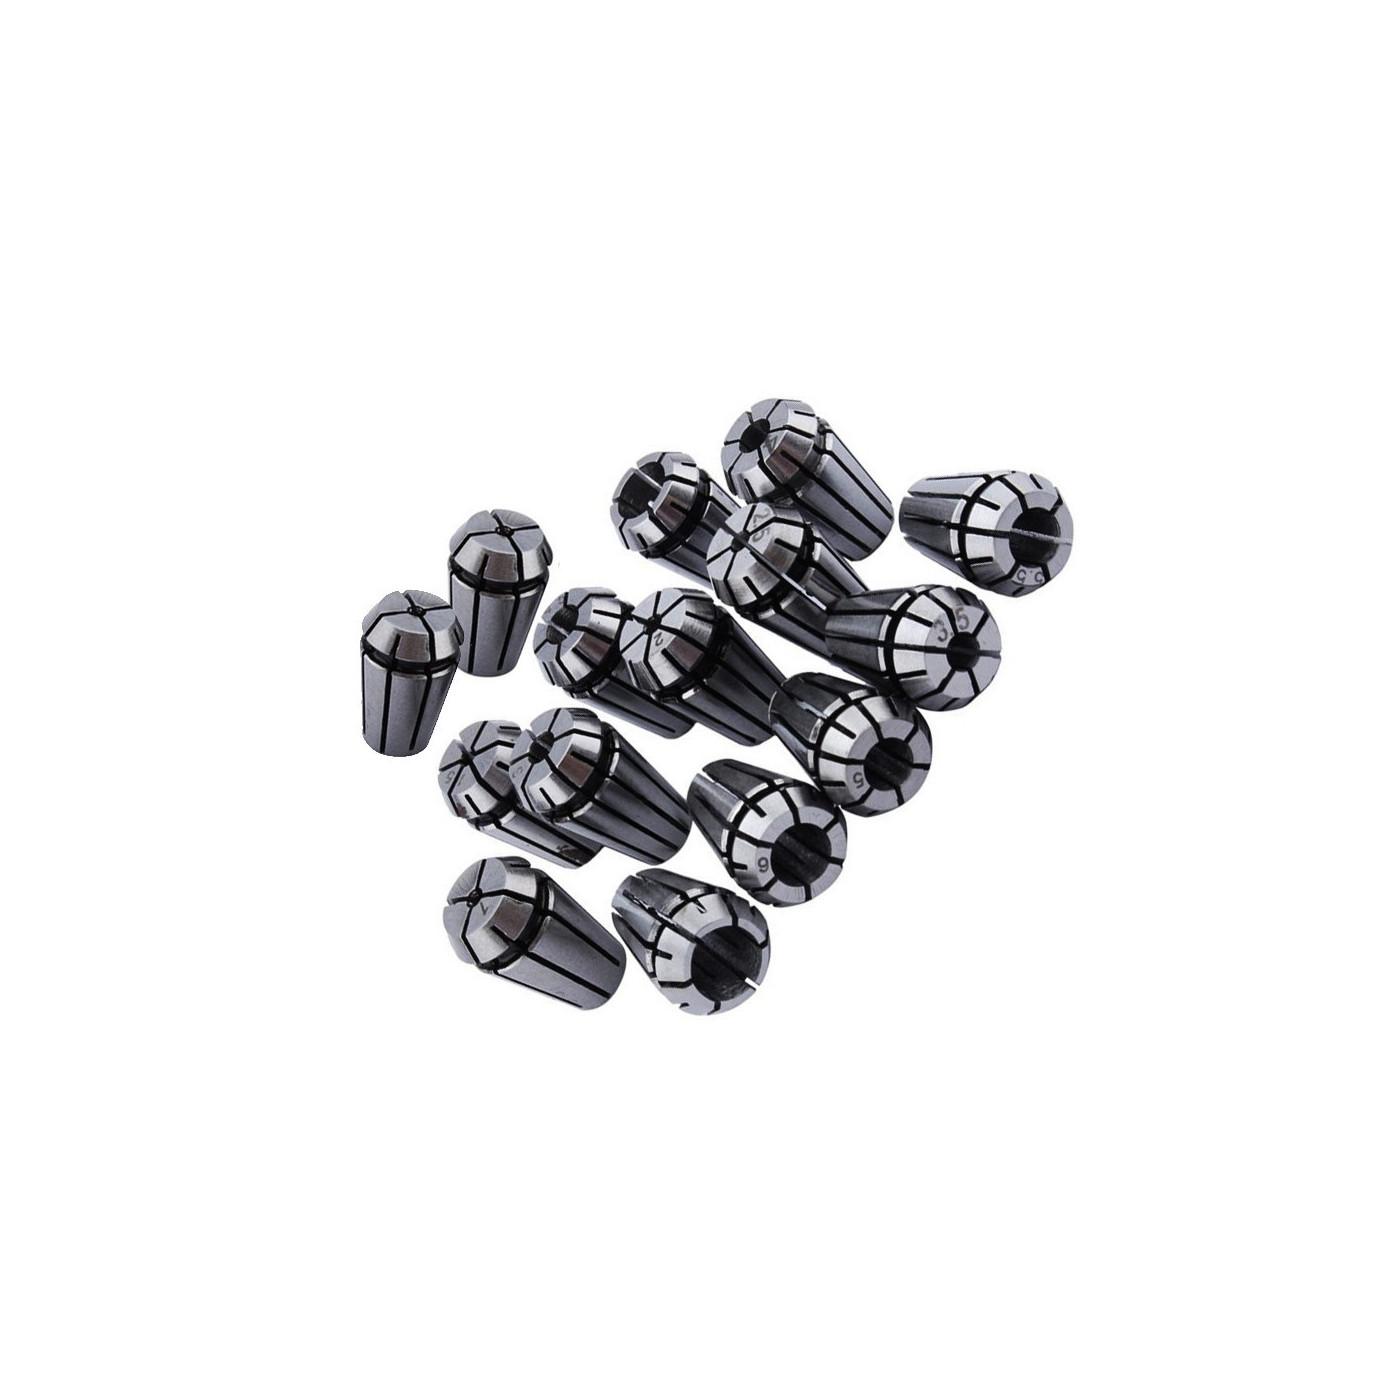 """Set ER11 collet chucks (15 pcs, 1-7 mm, including 1/8"""", 1/4"""")"""